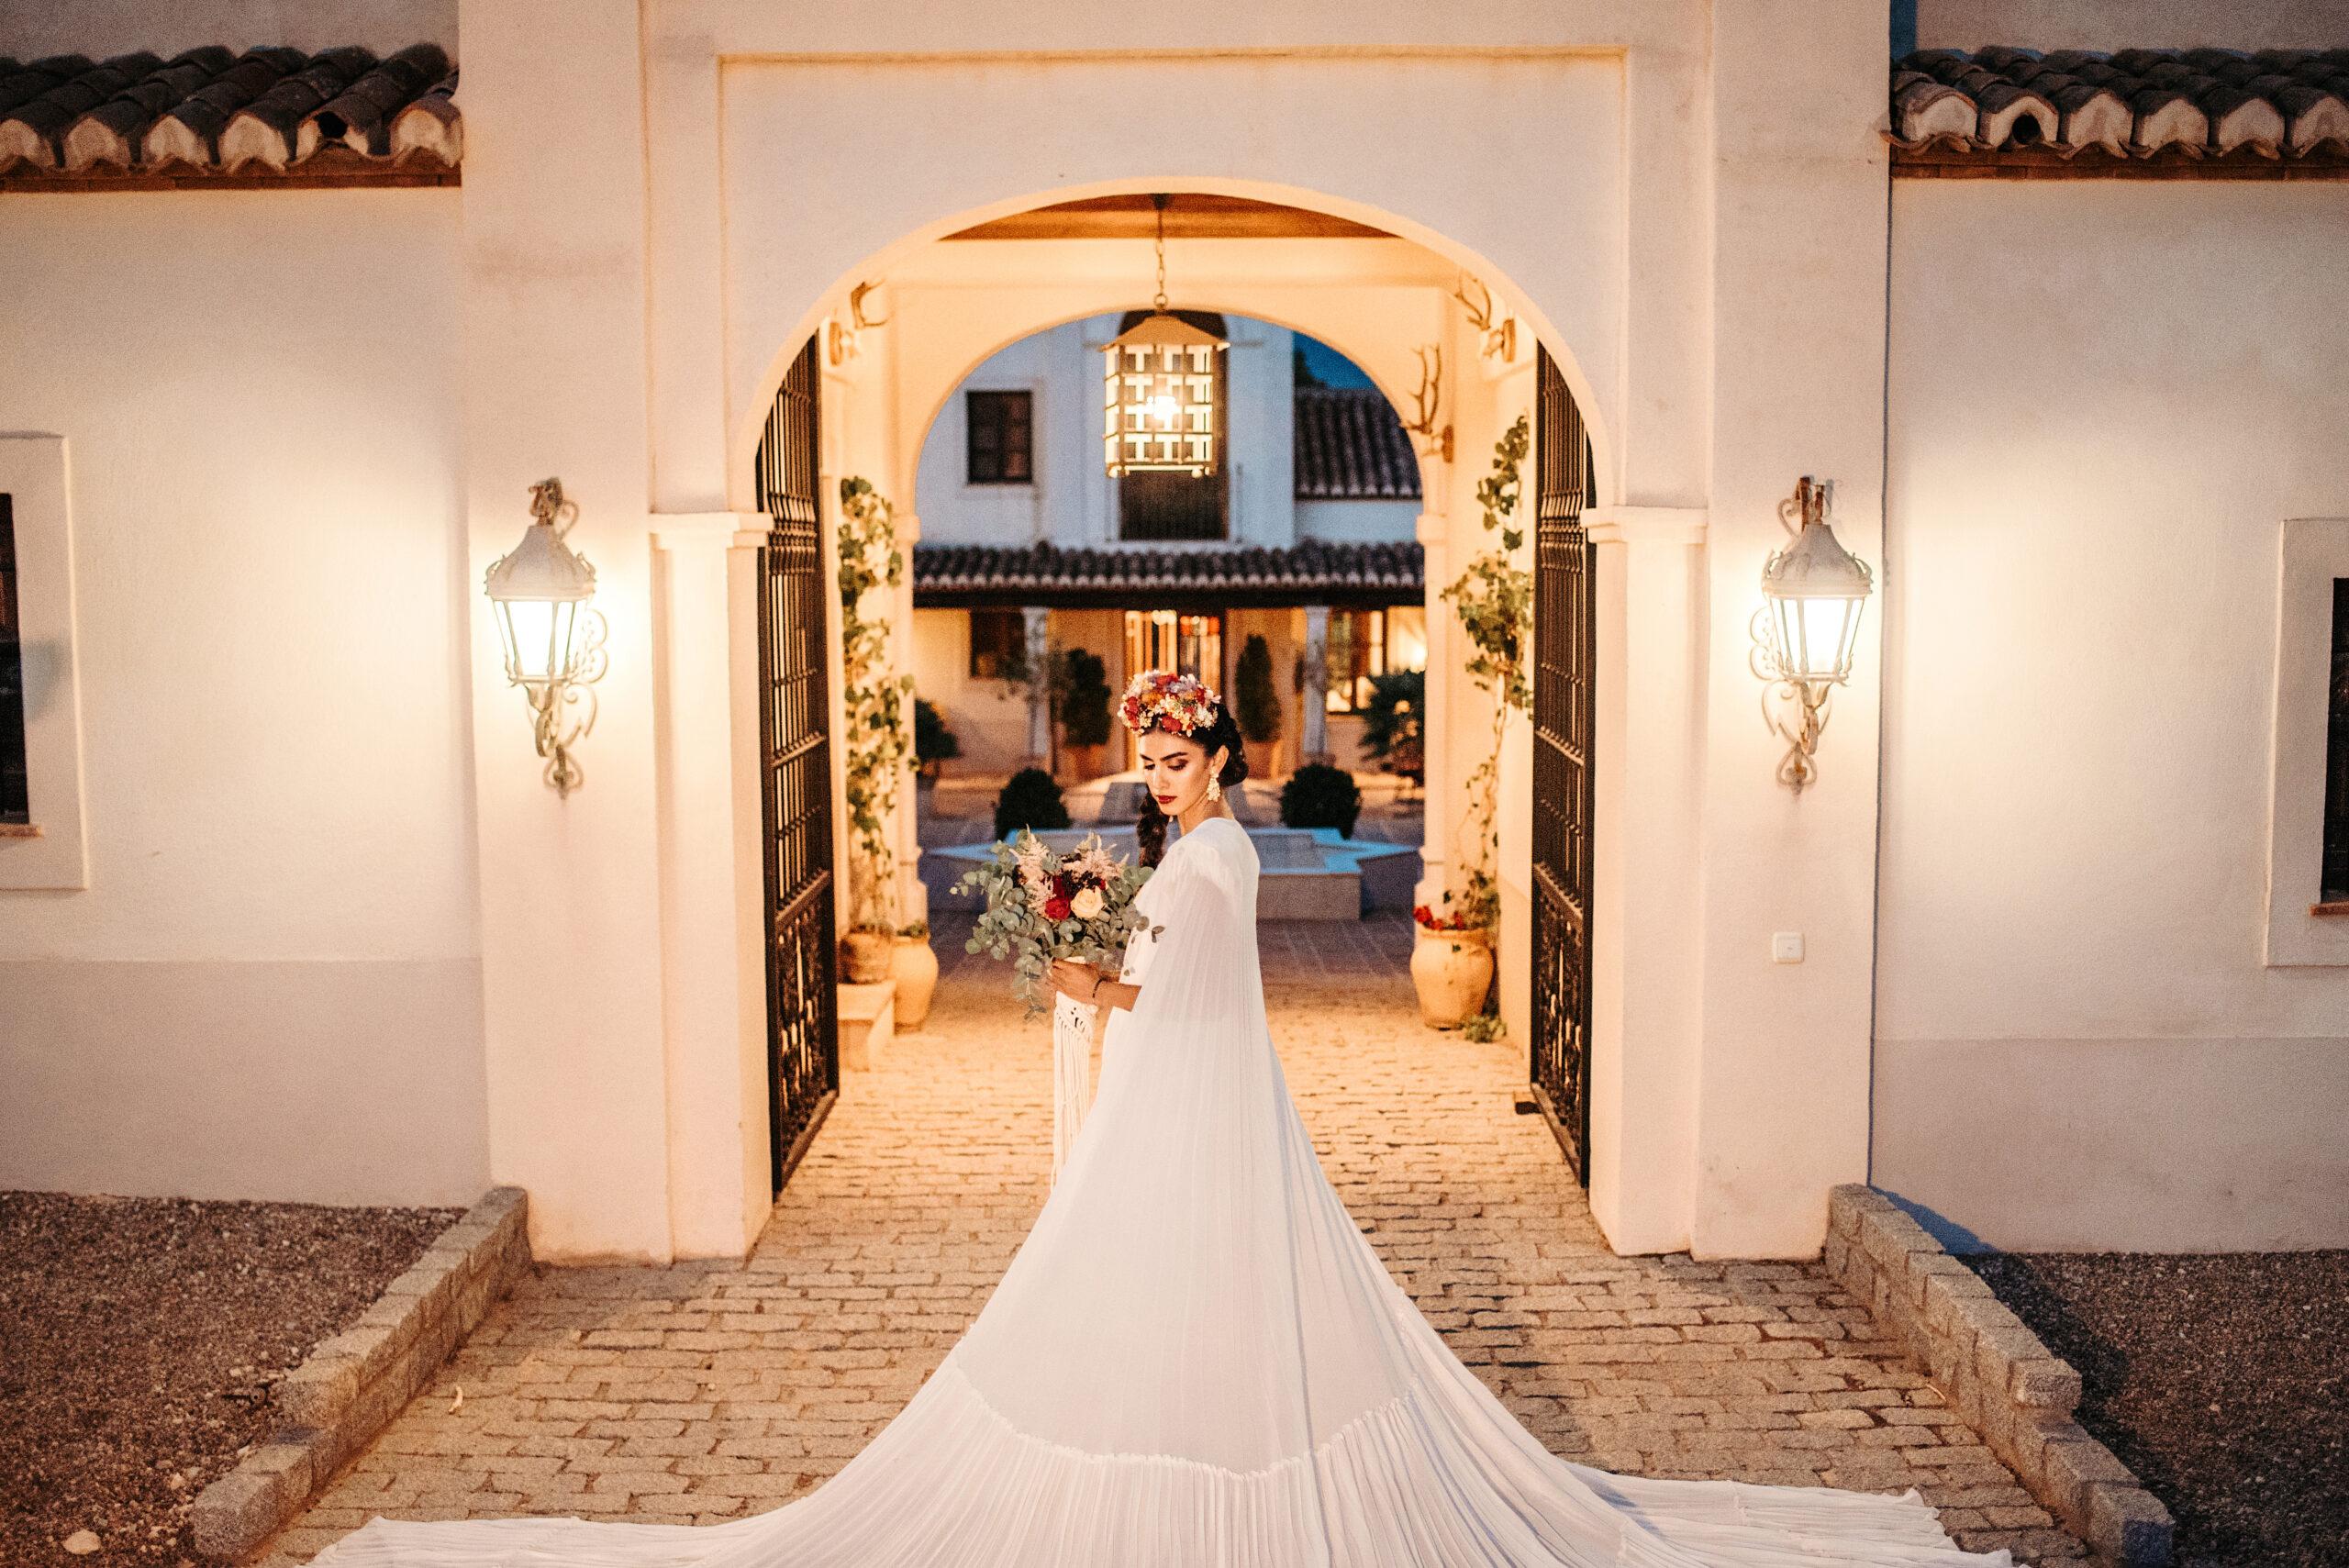 Best wedding venue in Spain